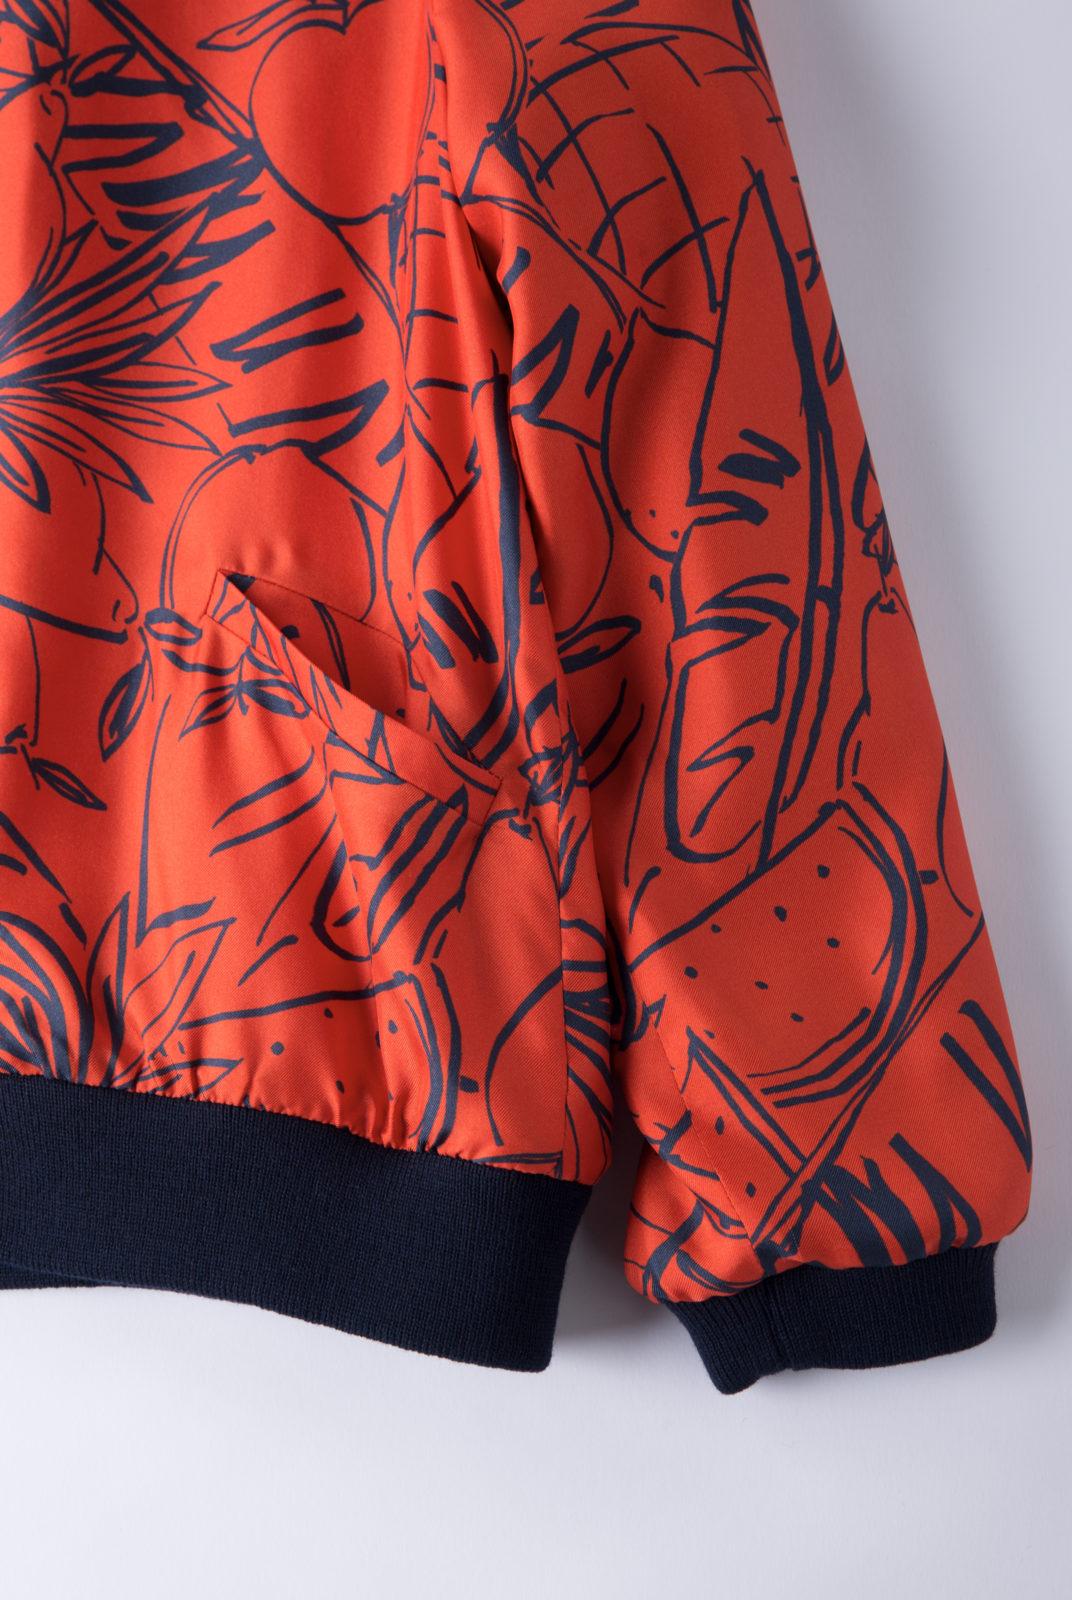 Veste frutta camp rouge en twill de soie, à imprimé fruité, fermeture boutons pression, roseanna